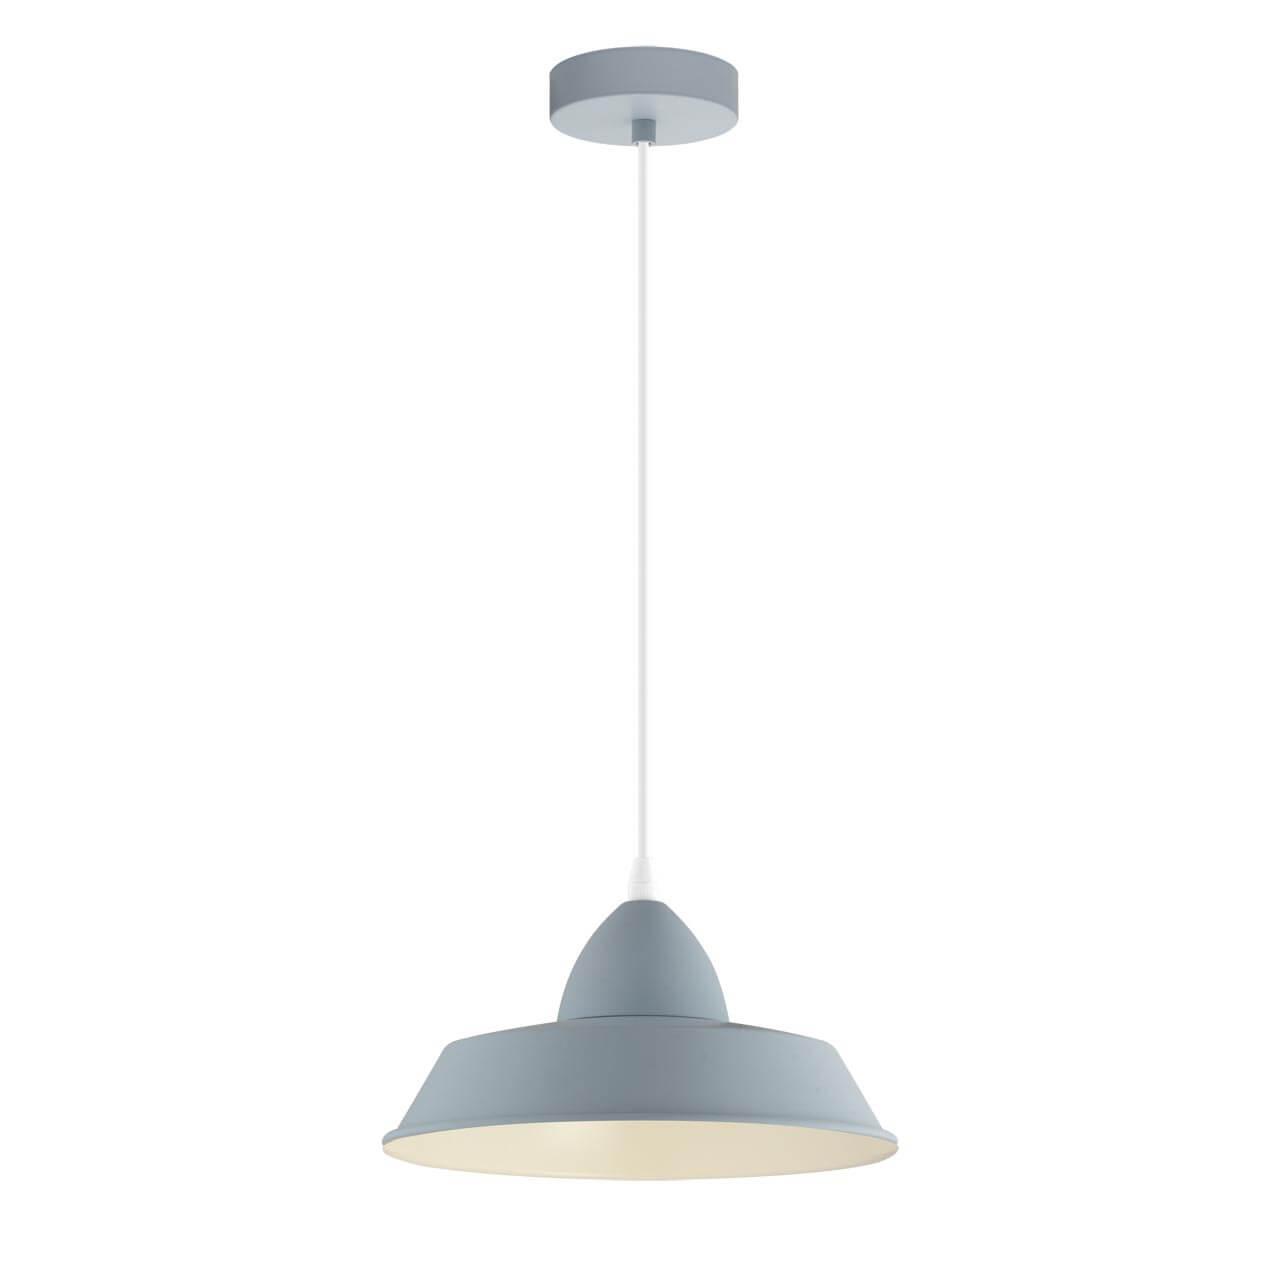 купить Подвесной светильник Eglo Auckland-P 49052 по цене 2243 рублей